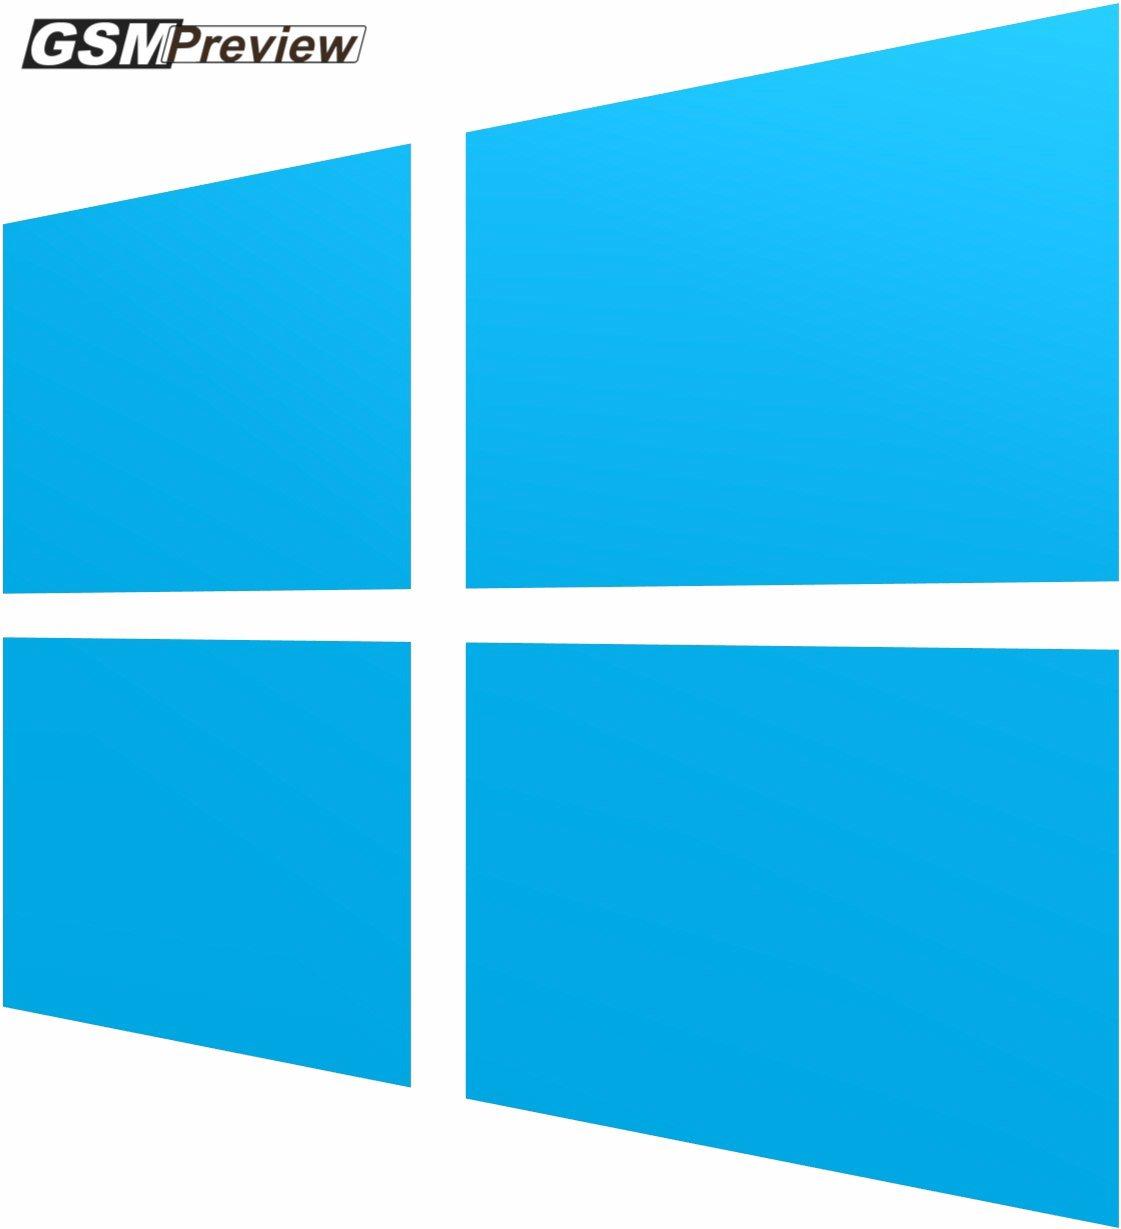 Lenovo може да пуснат на пазара смартфон с Windows Phone 8